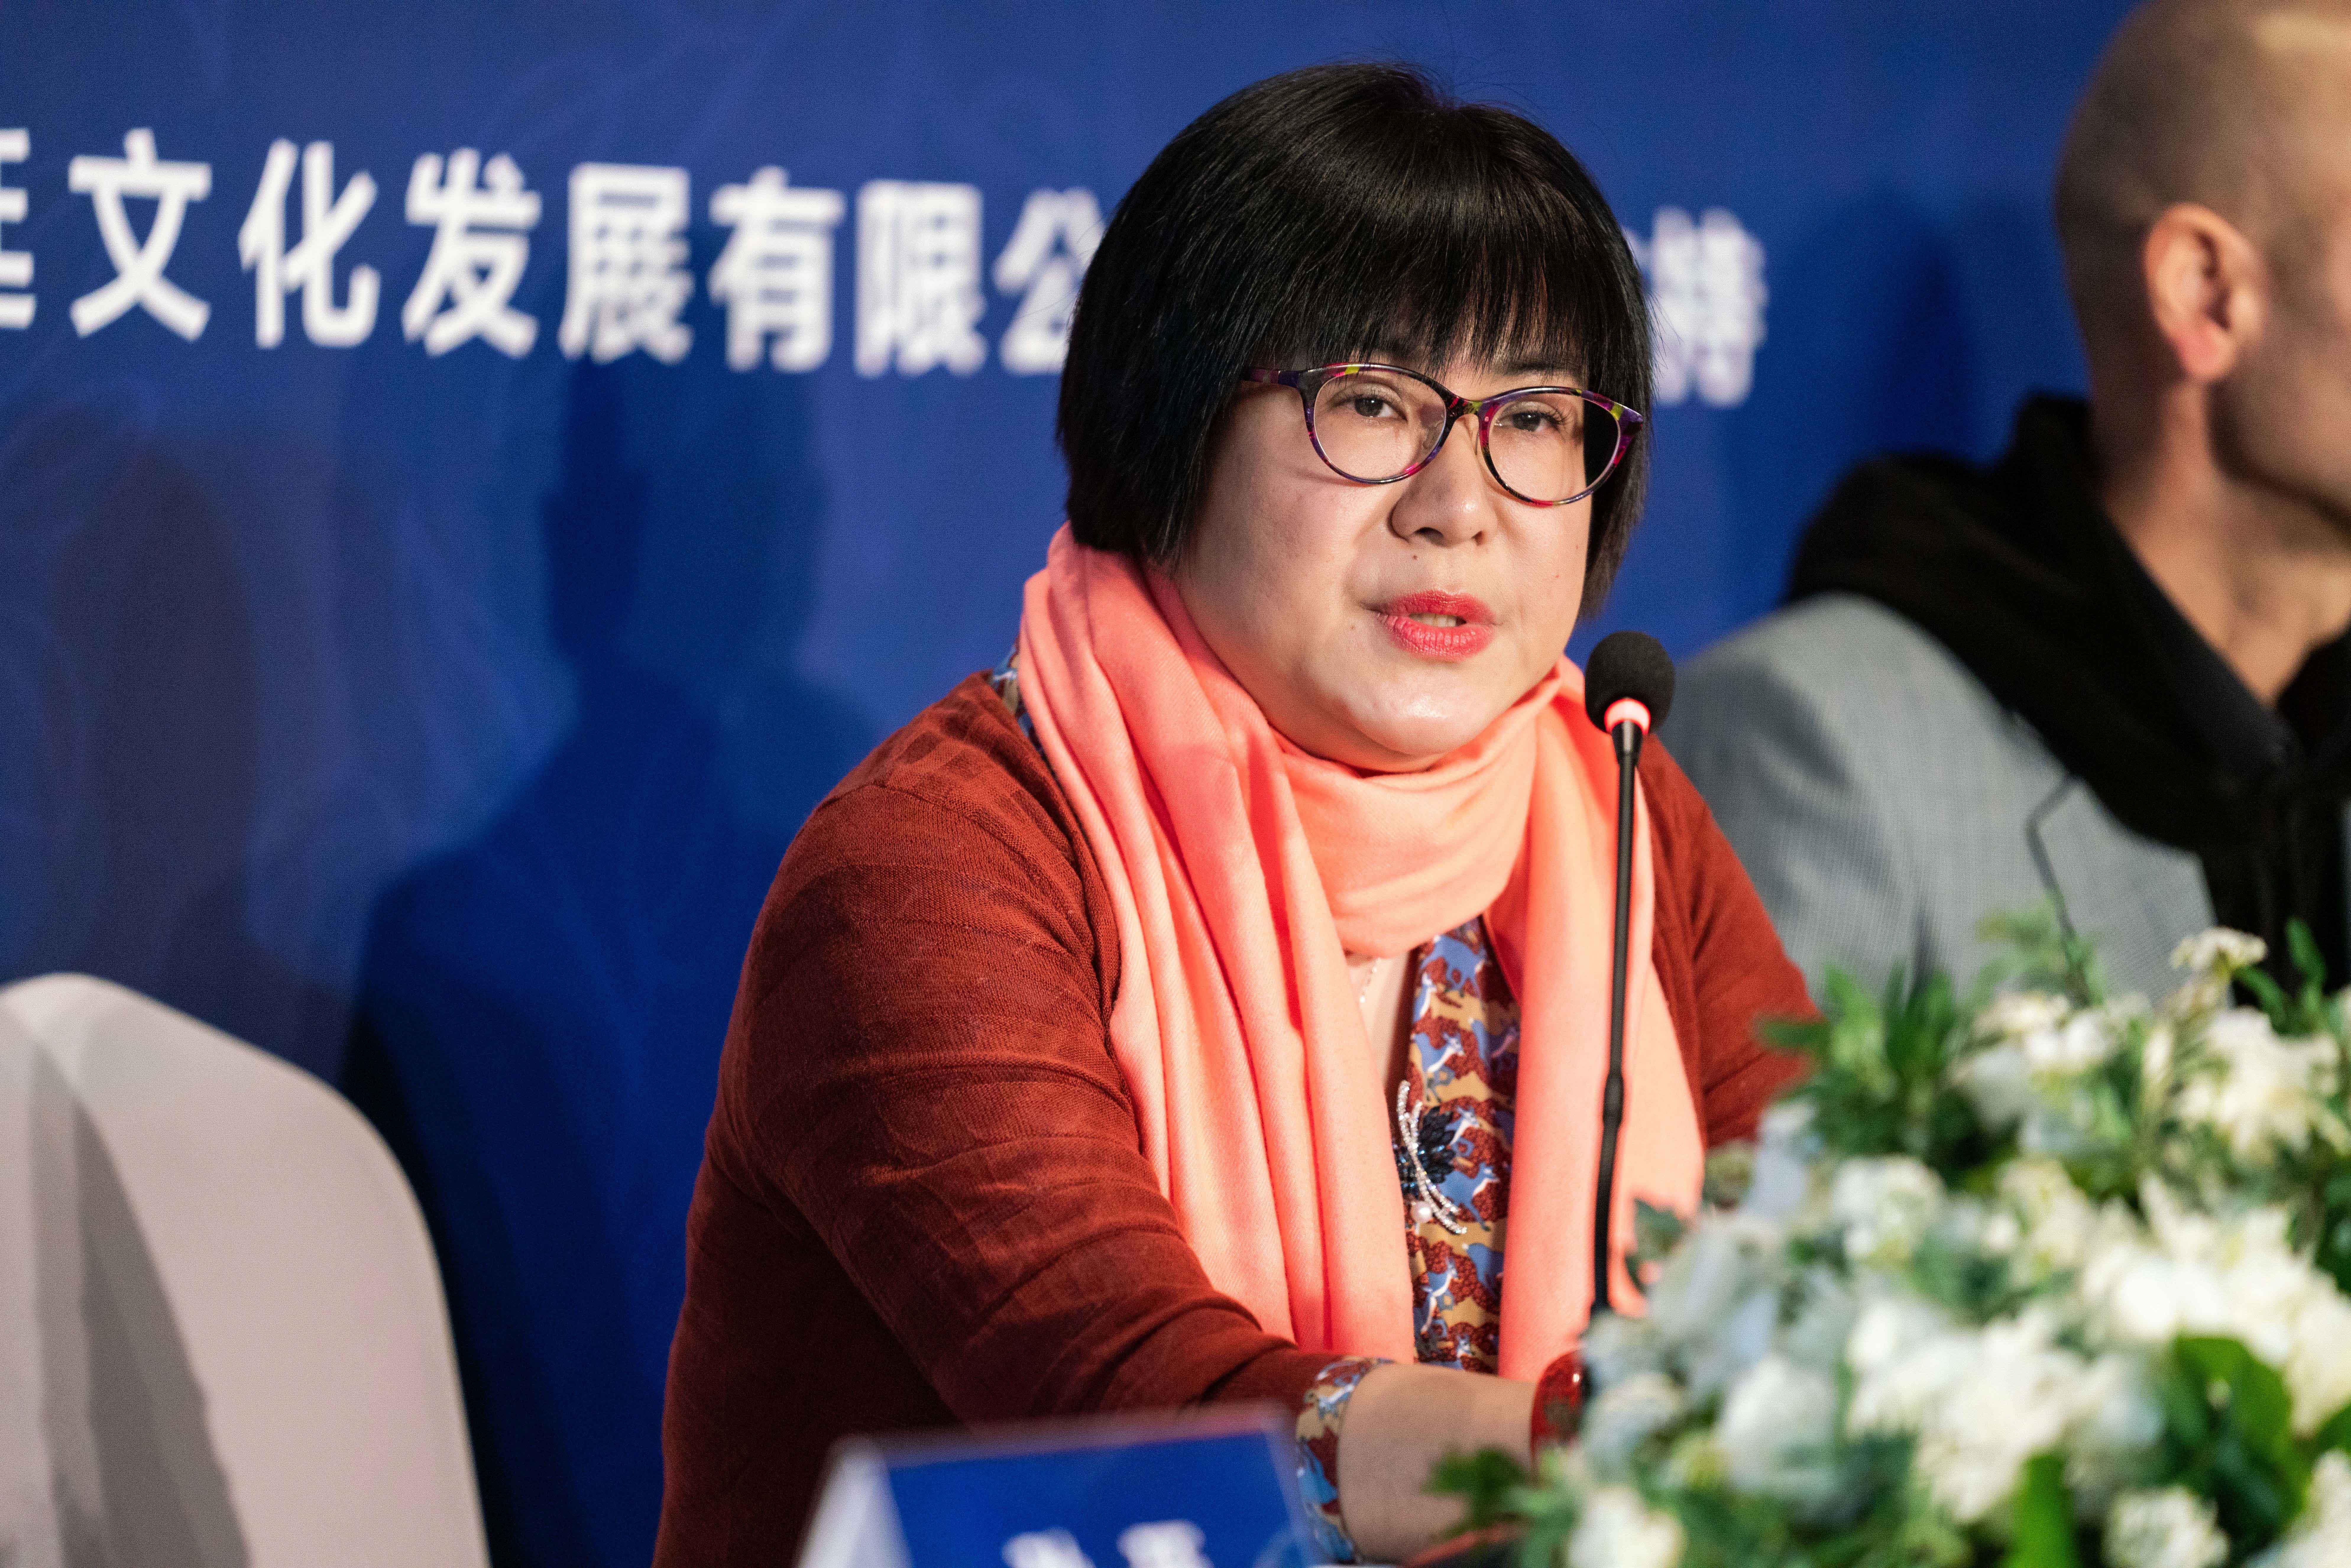 中国华夏文化遗产基金会理事长耿静女士出席并致辞